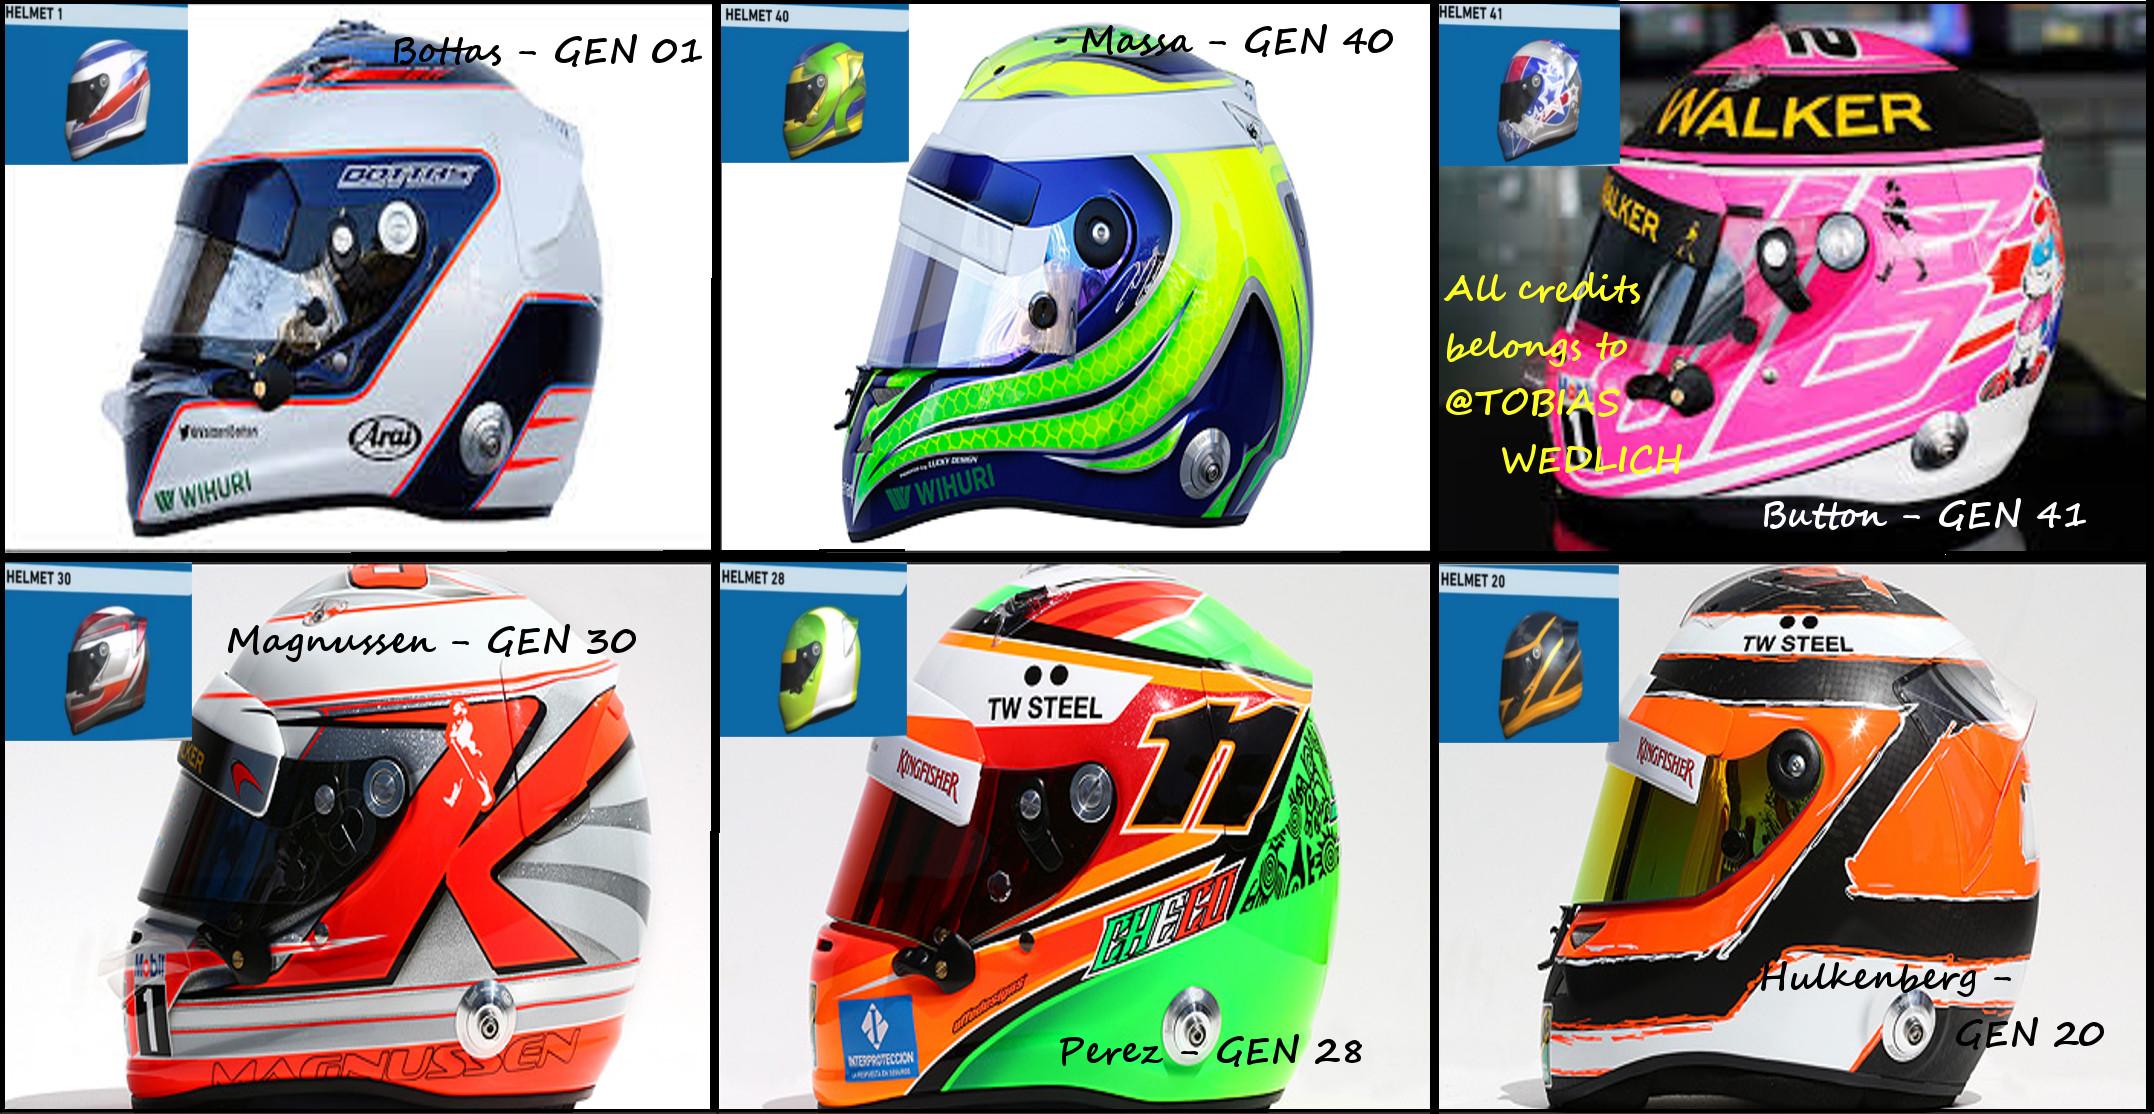 helmets02.jpeg